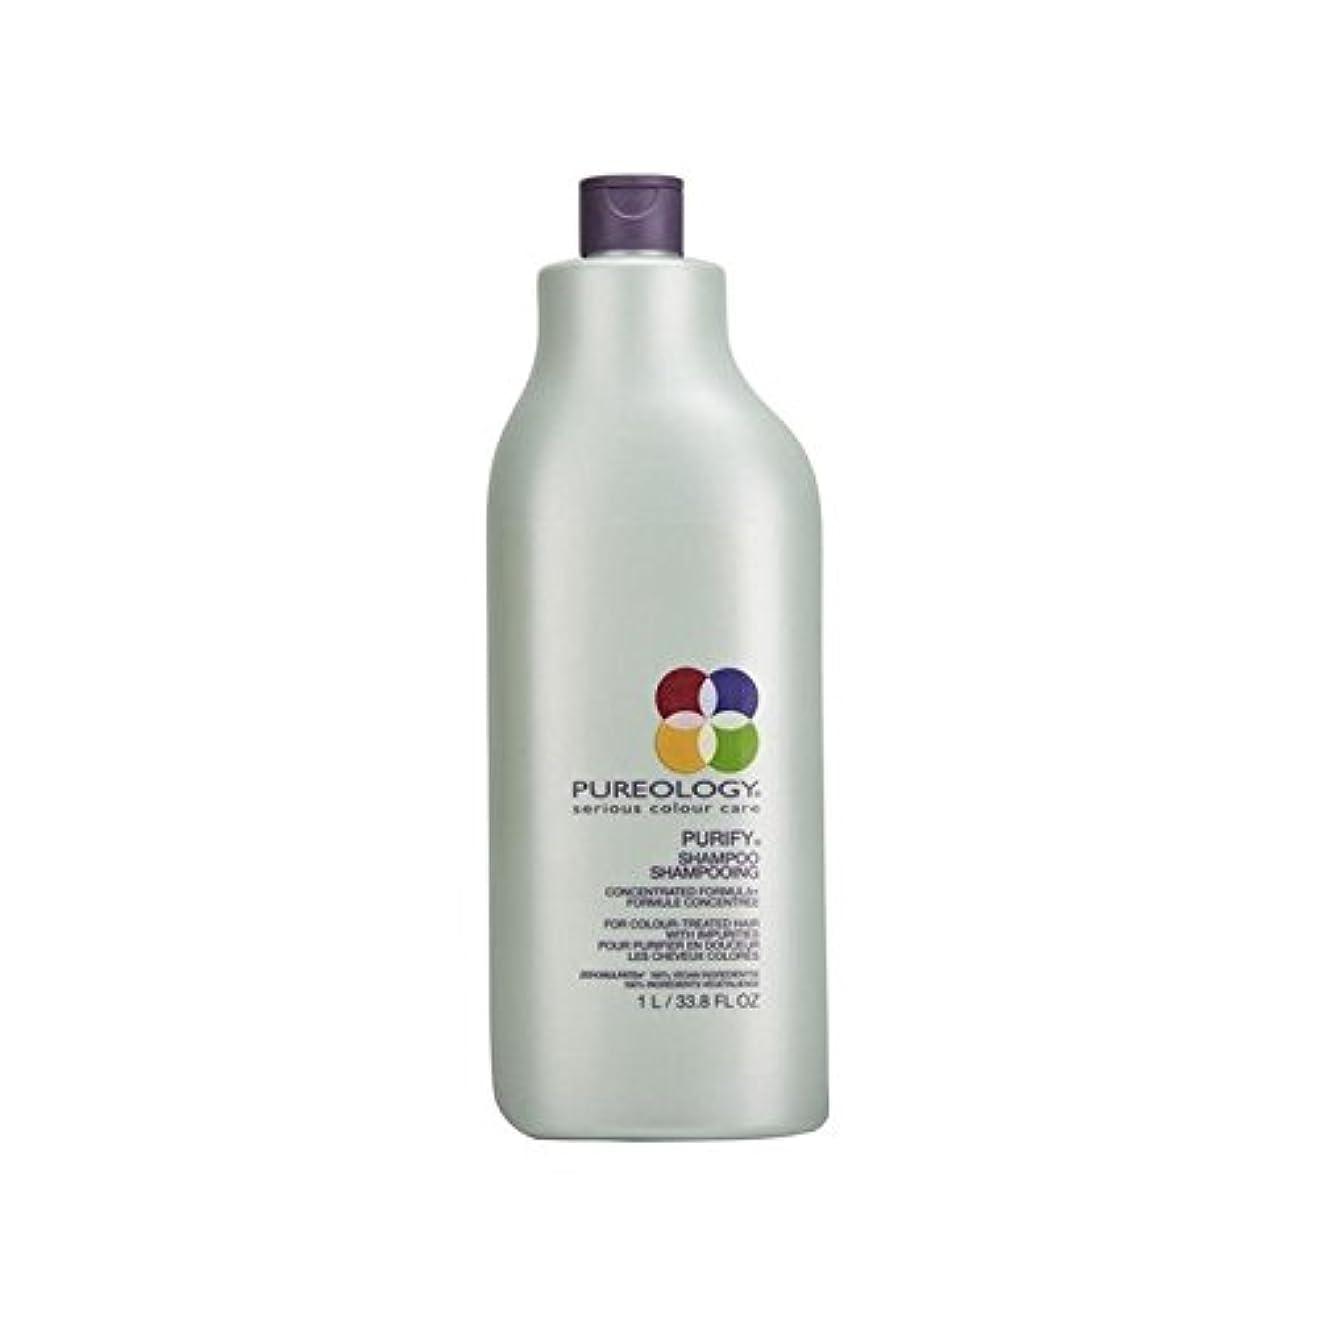 歌詞ロープ美しいPureology Purify Shampoo (1000ml) (Pack of 6) - ののシャンプー(千ミリリットル) x6 [並行輸入品]